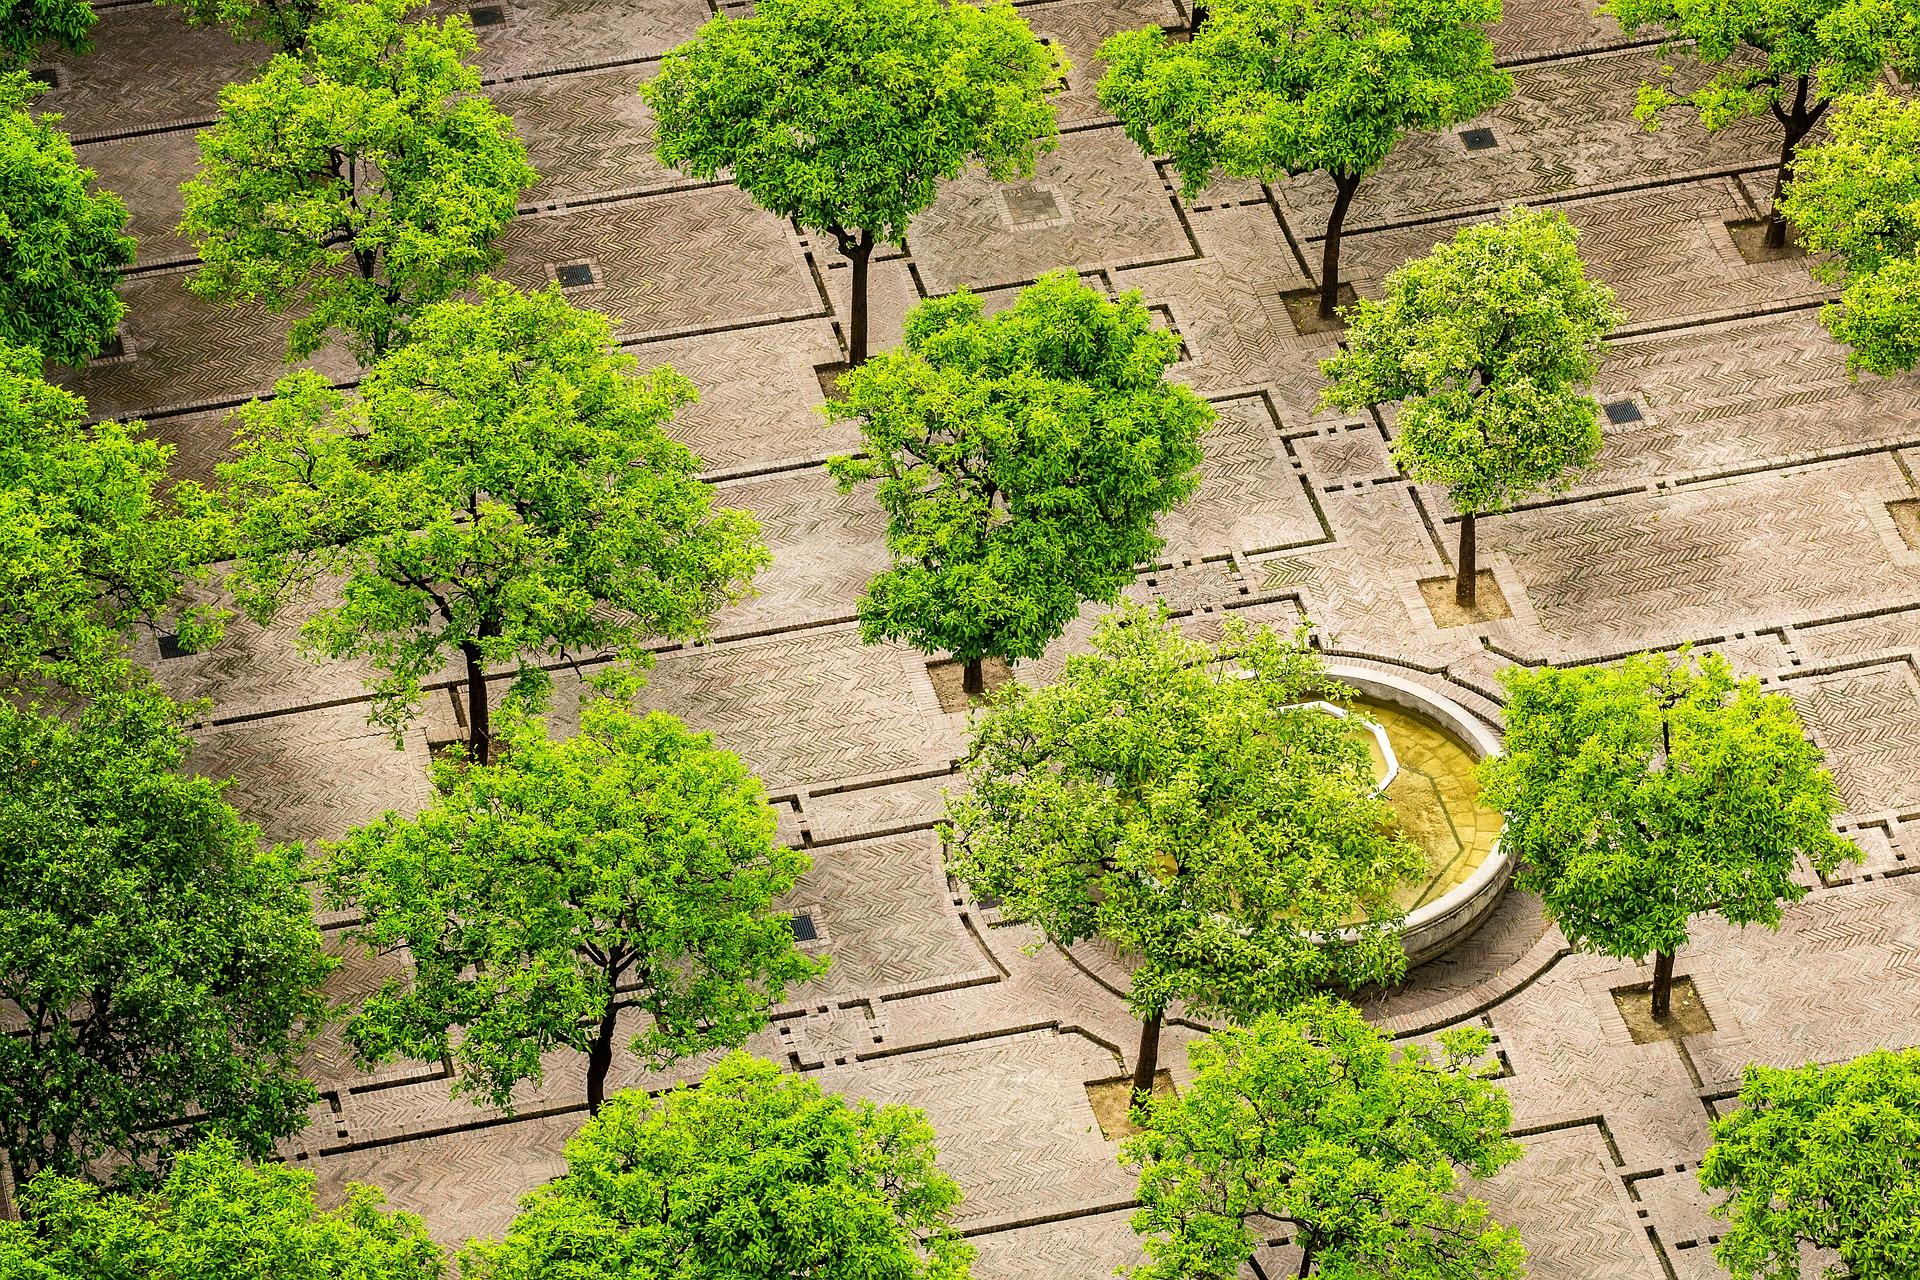 Eurovértice lucha contra el cambio climático a través del Proyecto LIFE Adaptate